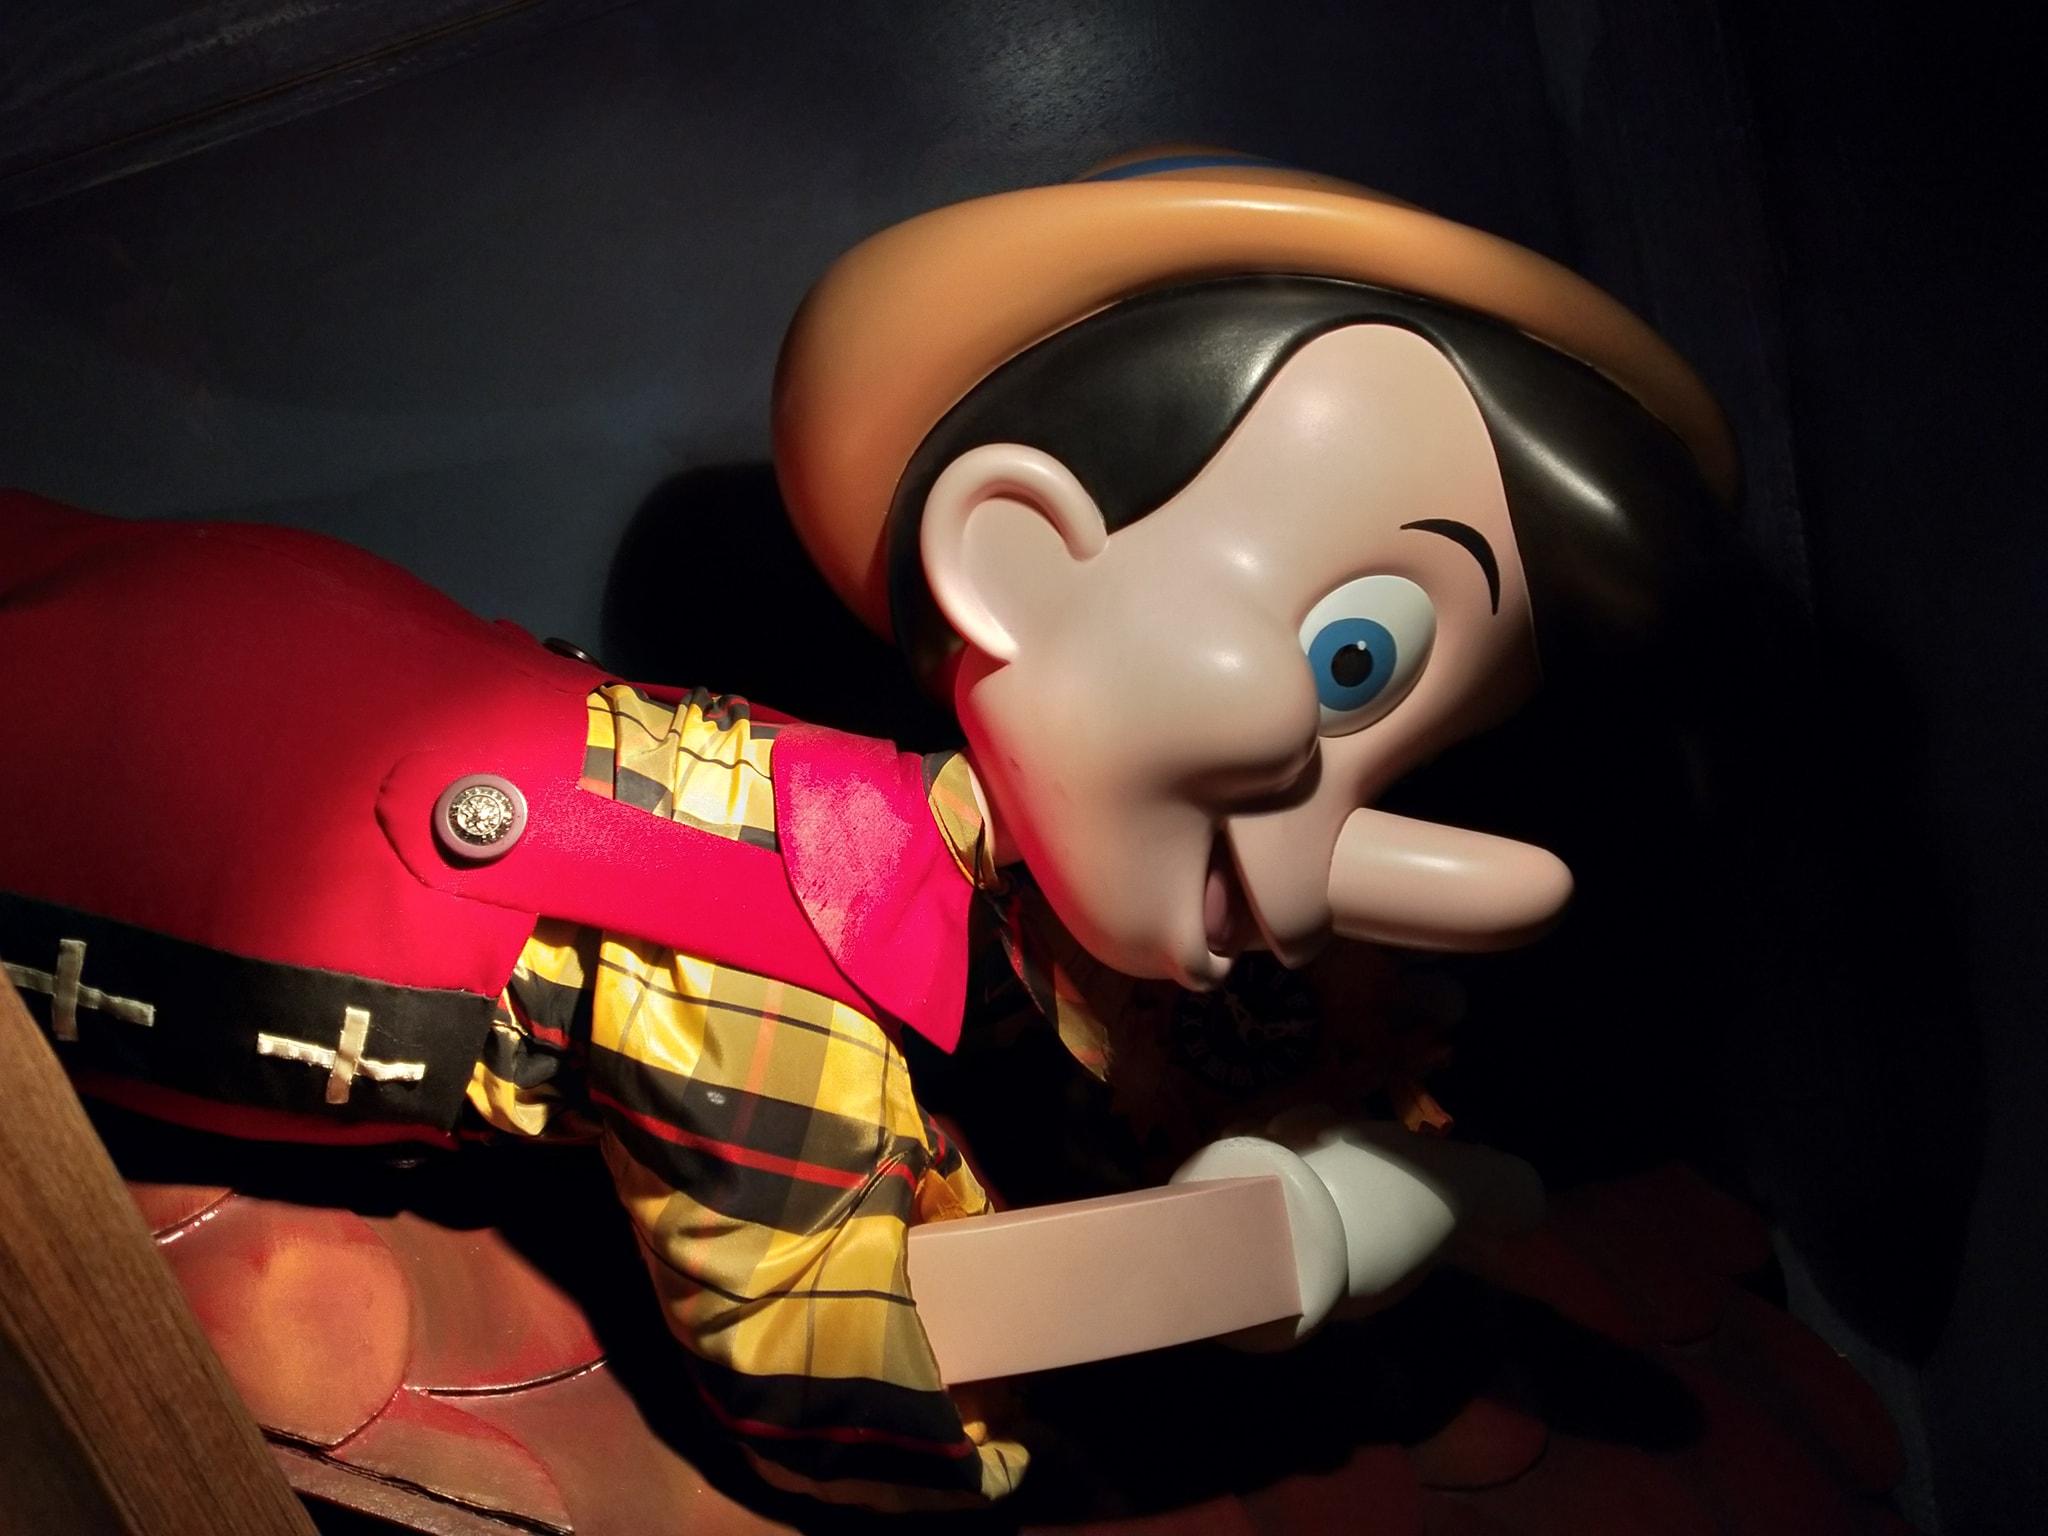 Curiosità e piccoli segreti al Disneyland park - Pagina 7 00119